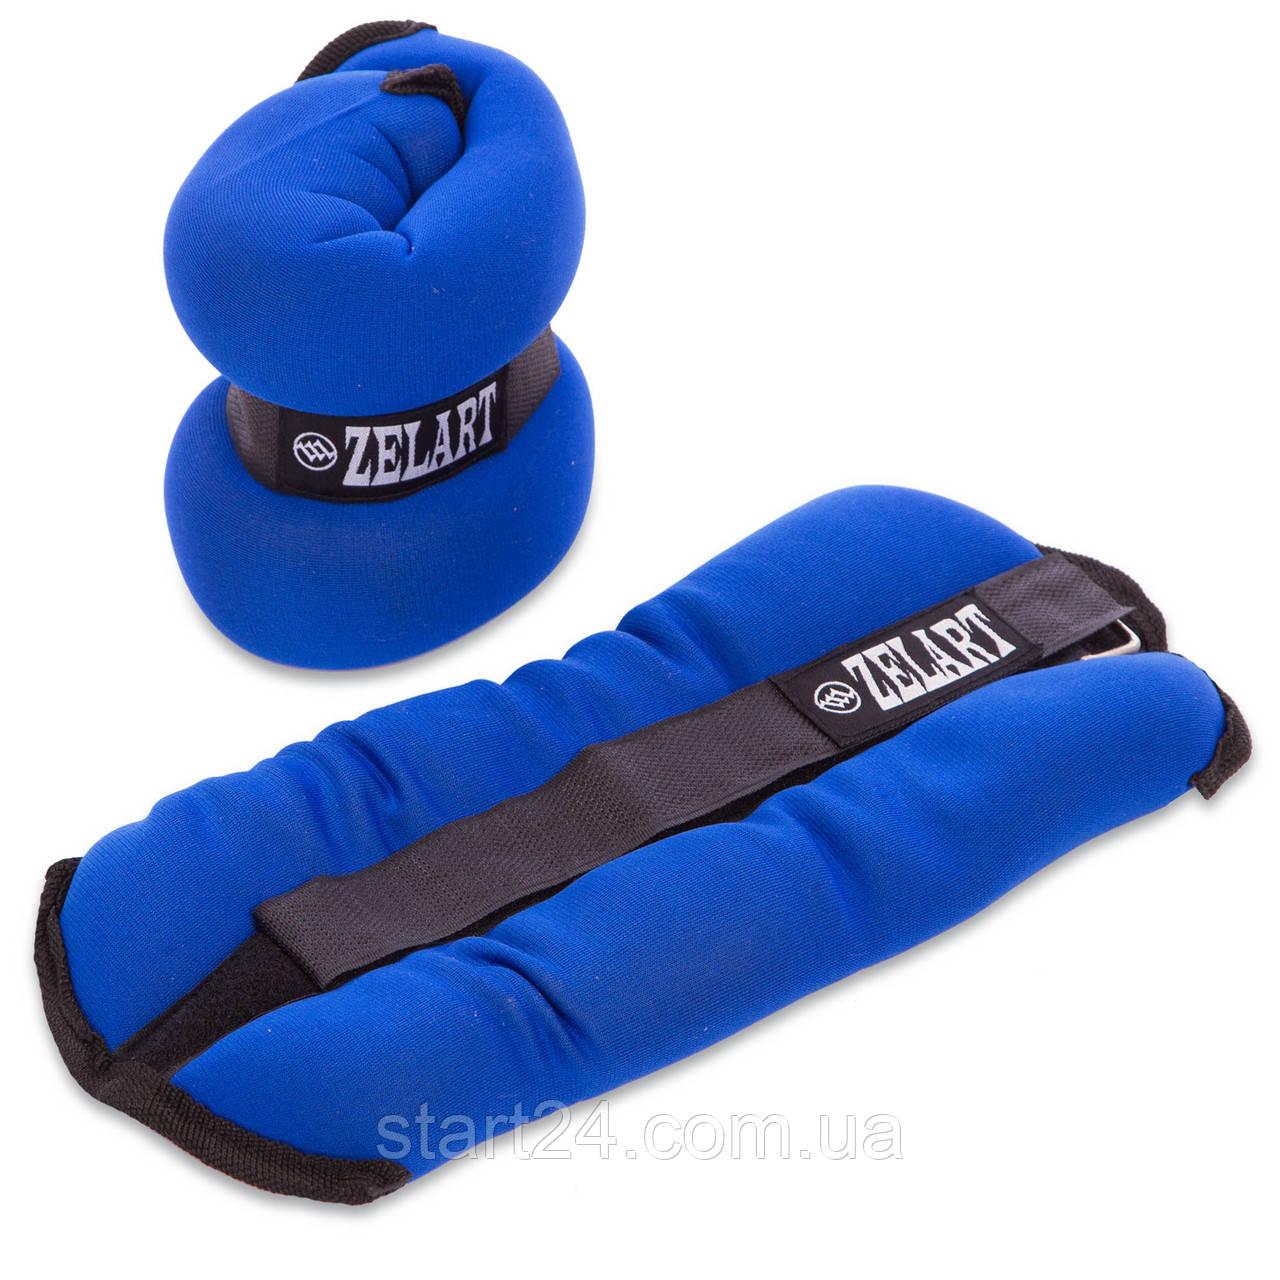 Обтяжувачі-манжети для рук і ніг ZEL-1 AW-1102-4 (2 x 2,0 кг) (верх-неопрен, наповнювач-пісок, синій)